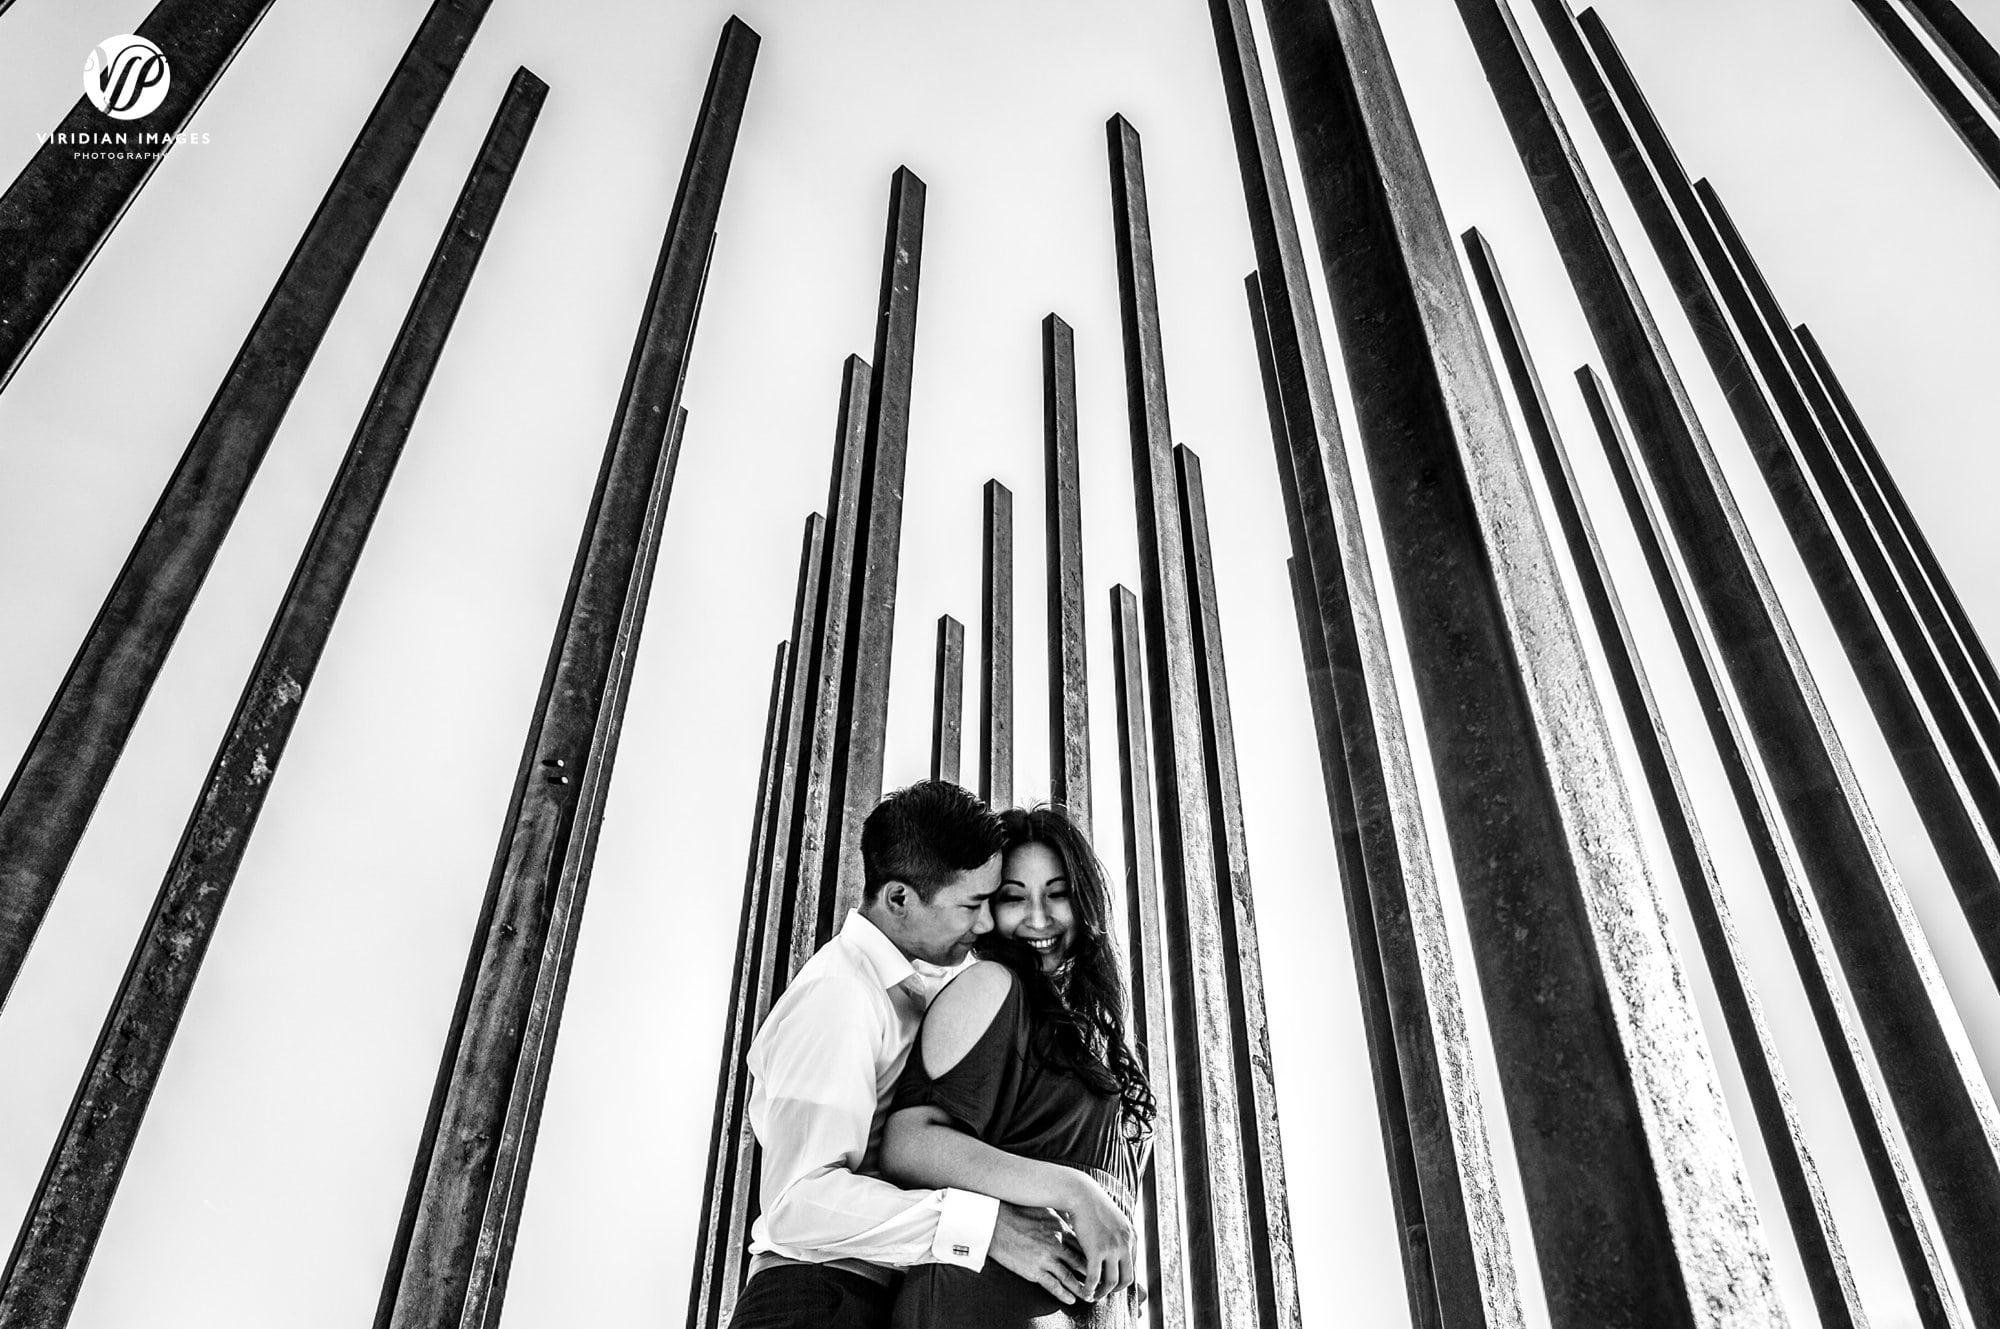 couple hug from below metal posts